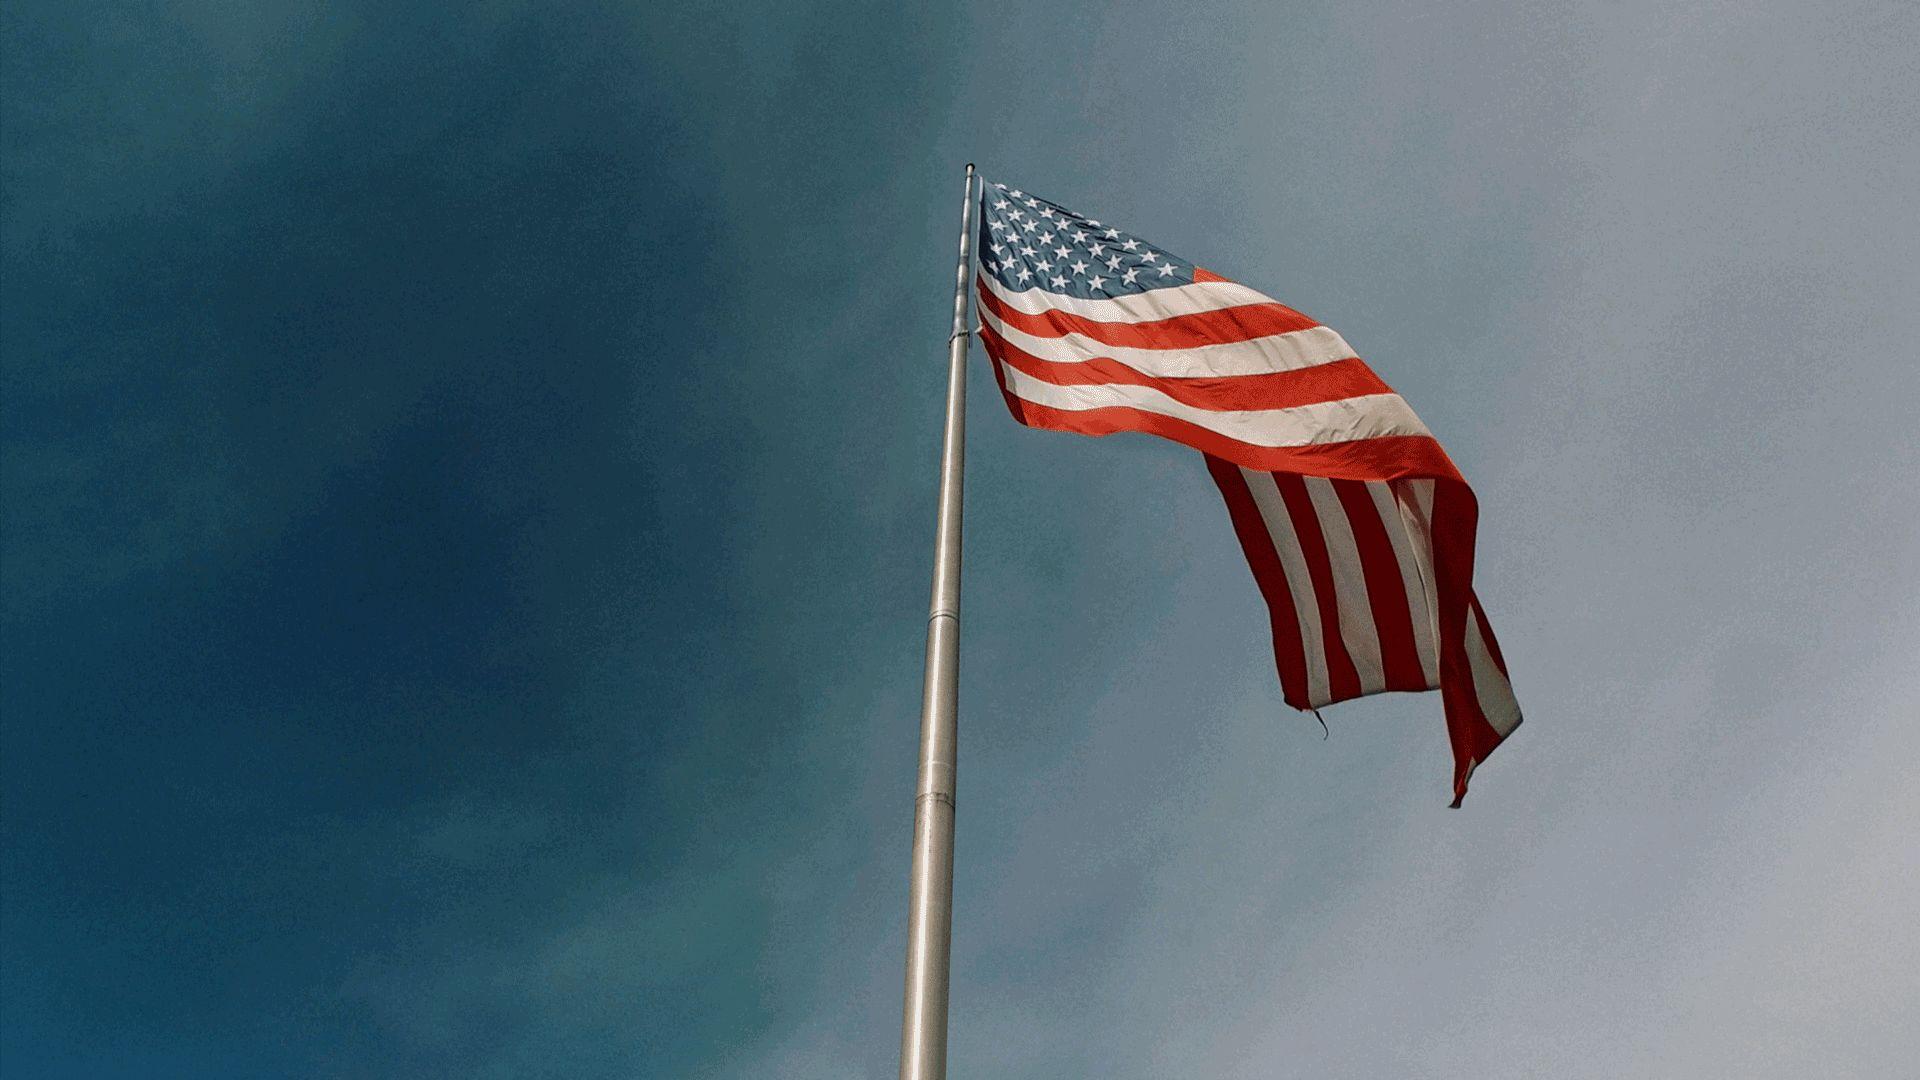 America Flag hd wallpaper for laptop